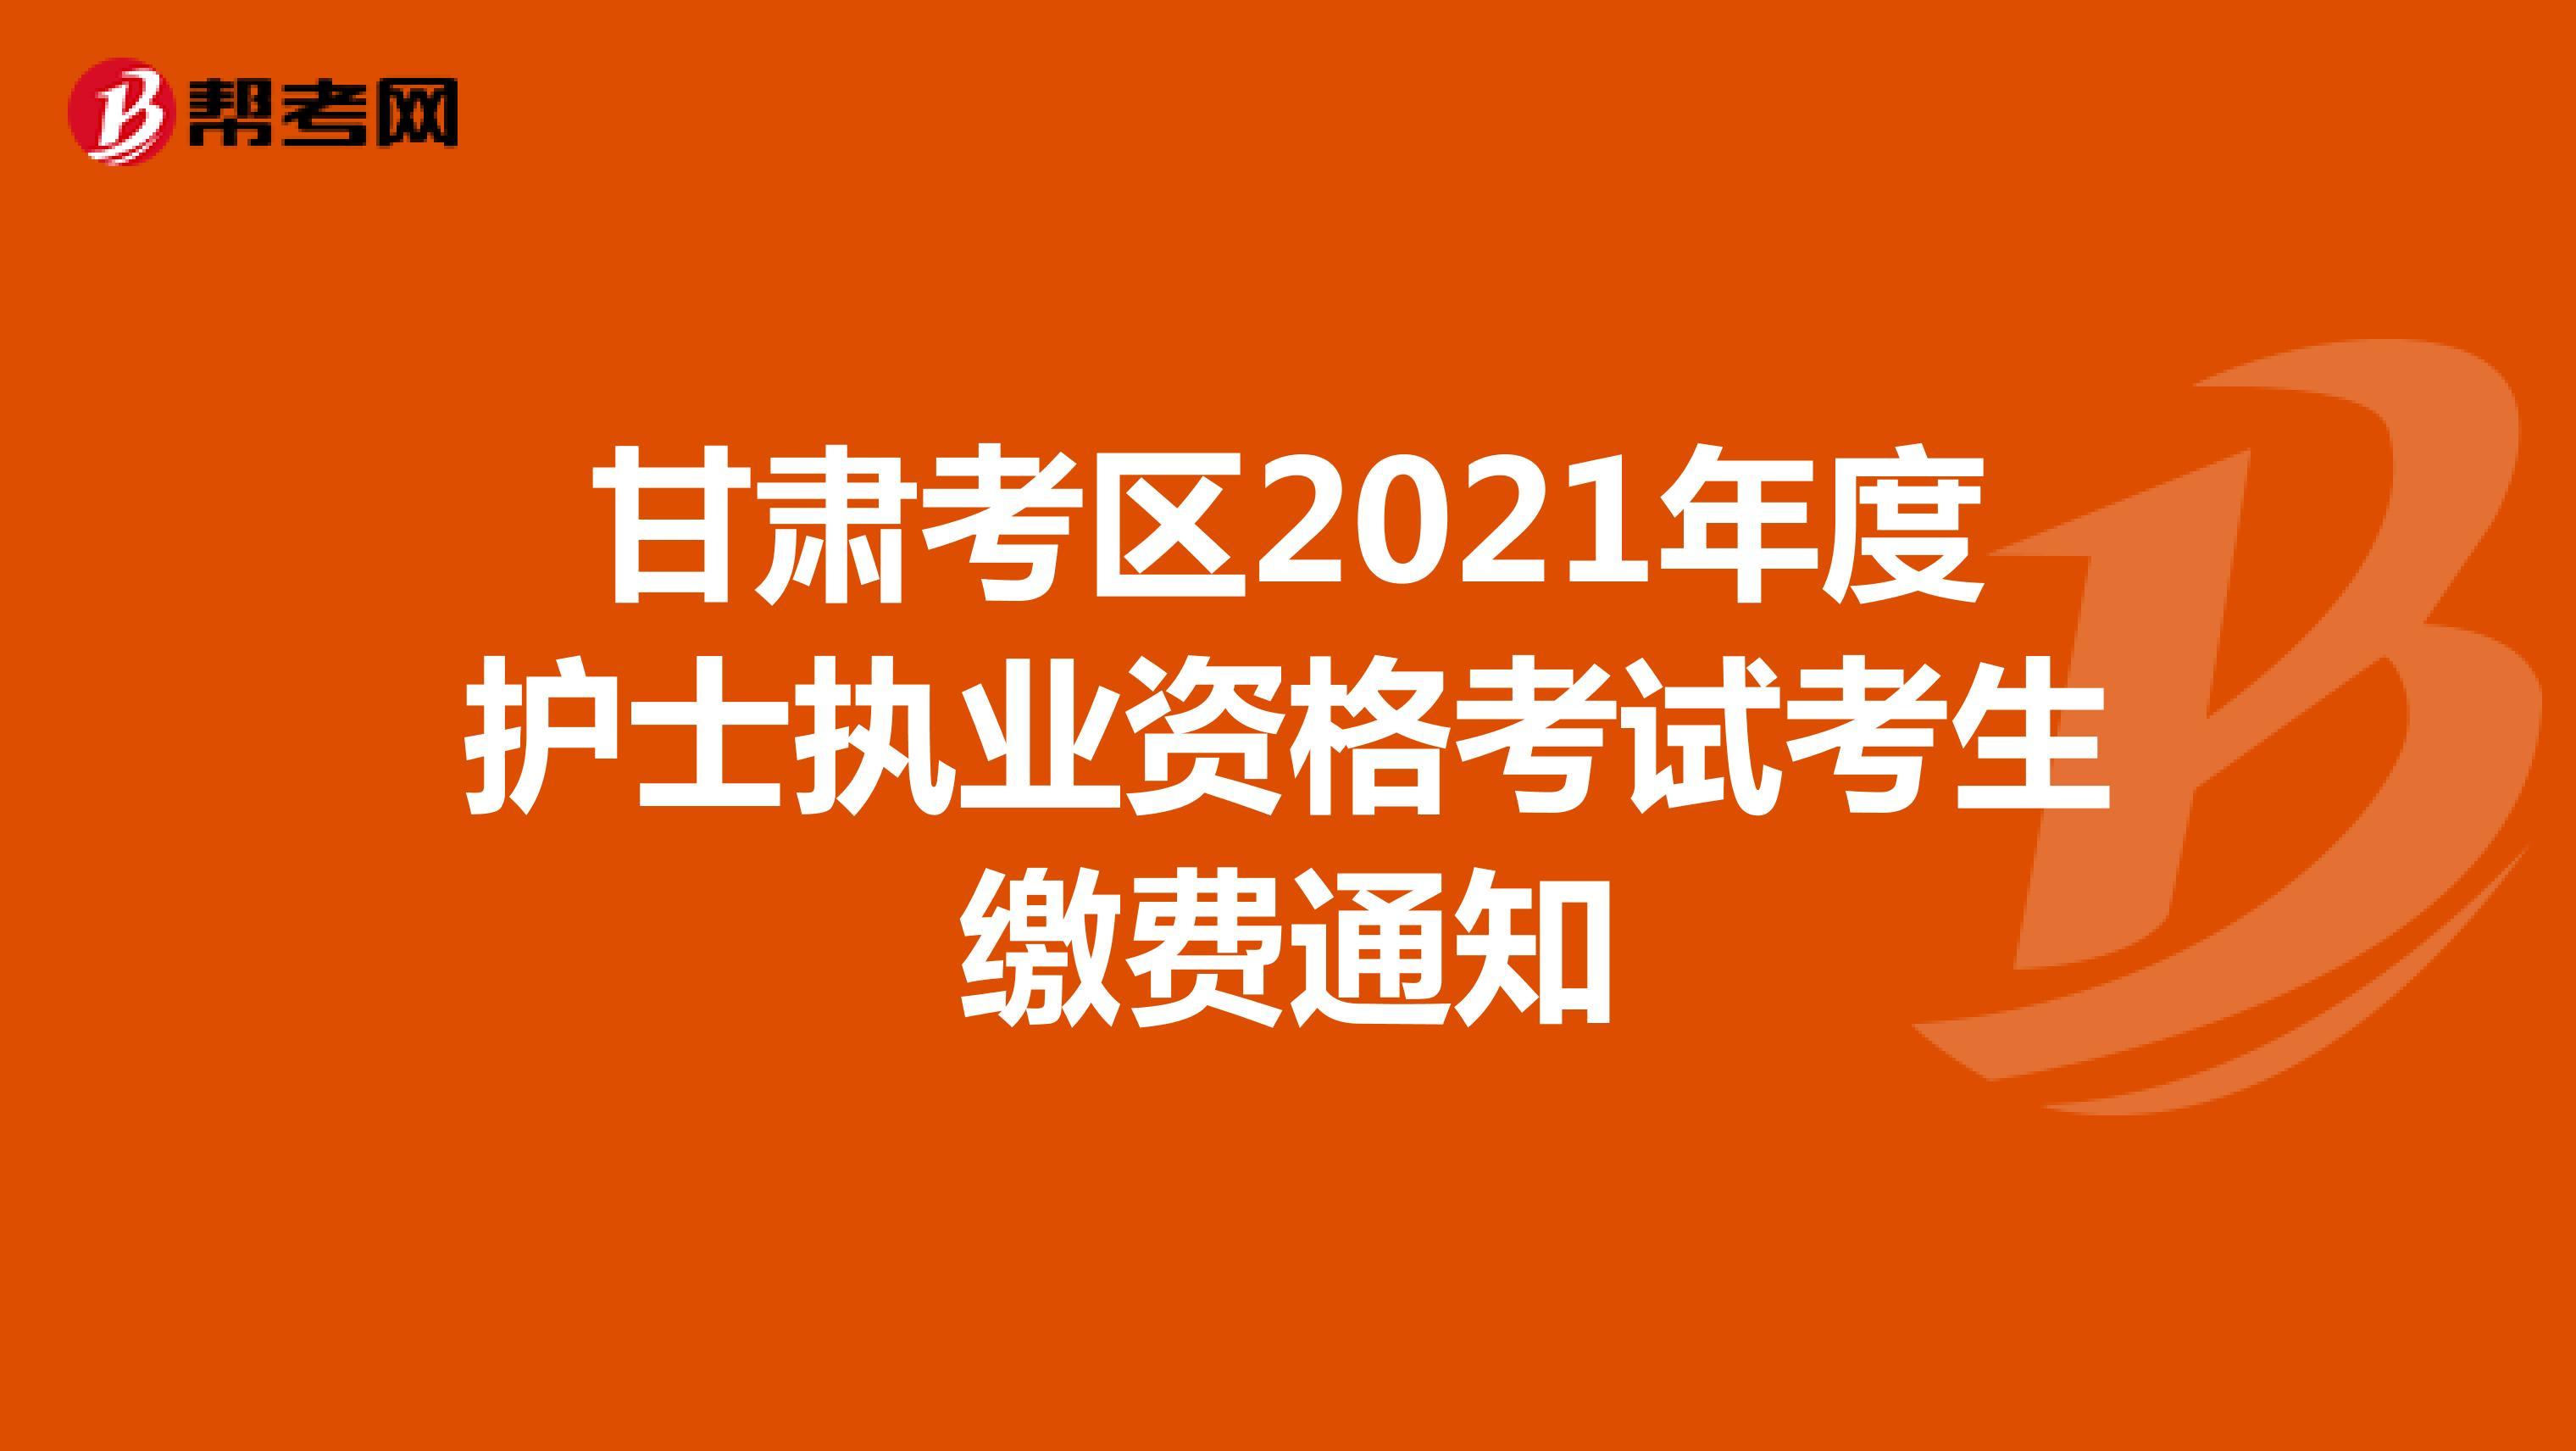 甘肃考区2021年度护士执业资格考试考生缴费通知